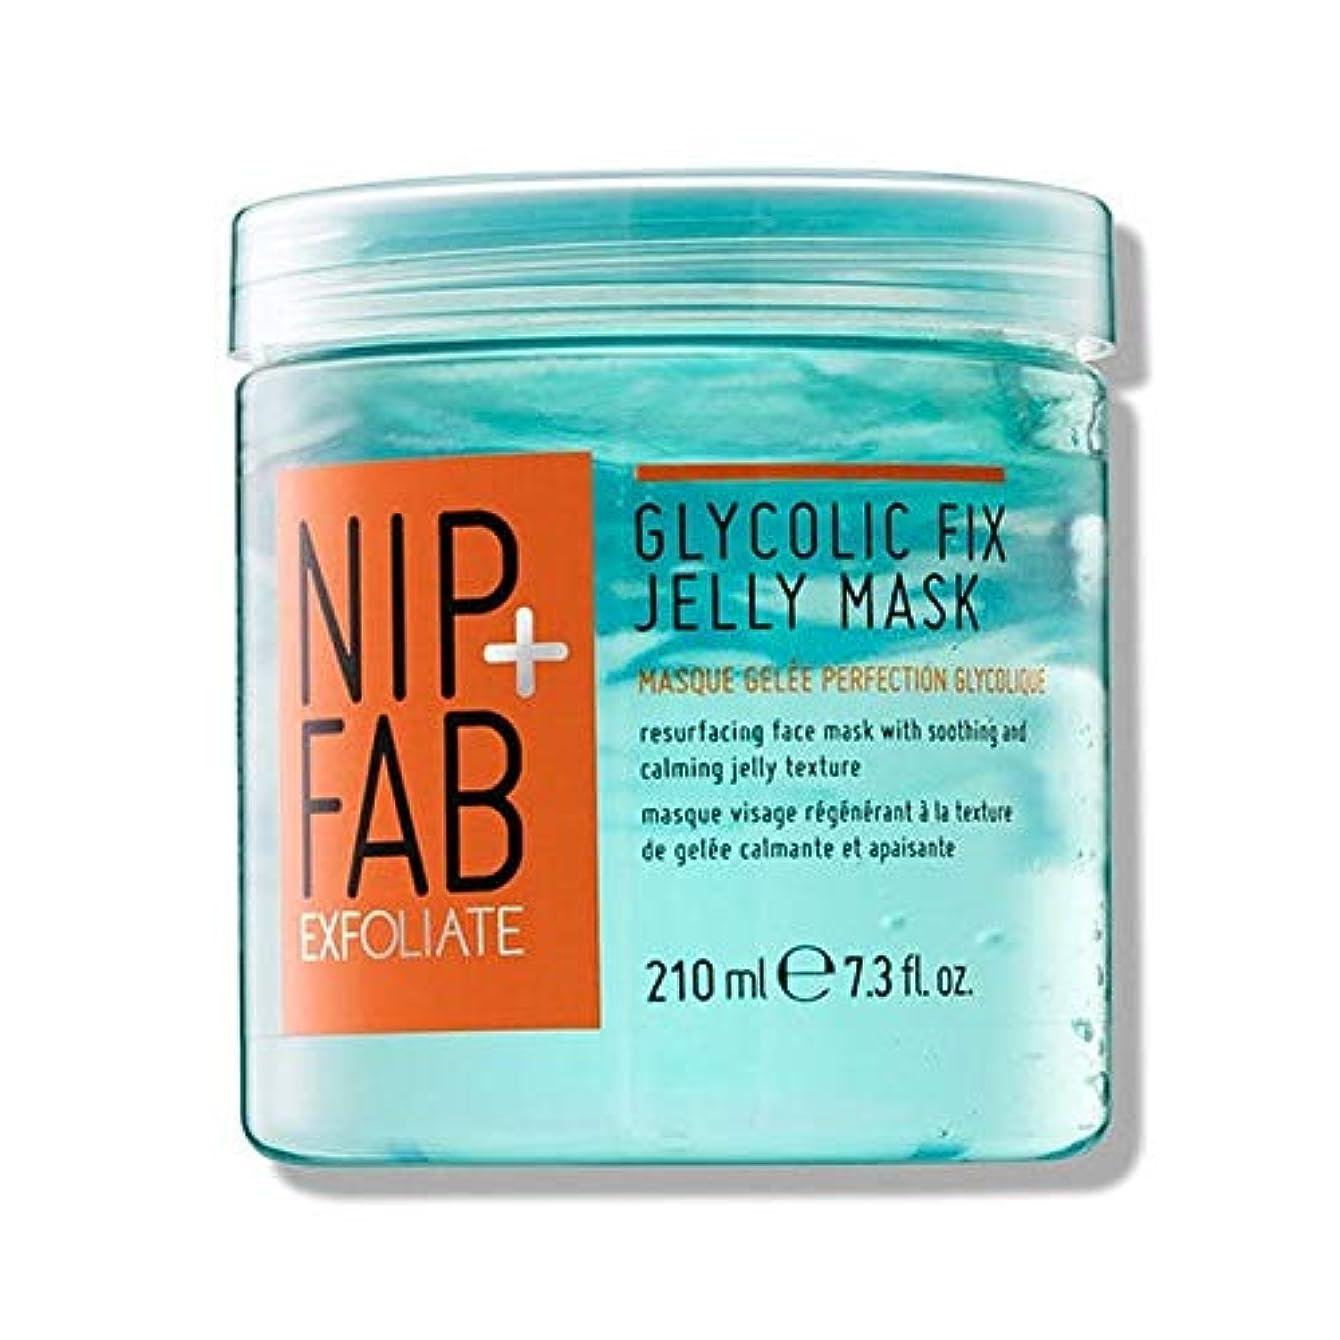 興味受賞バイオリン[Nip & Fab] + Fabグリコール修正ゼリーマスク210ミリリットルニップ - NIP+FAB Glycolic Fix Jelly mask 210ml [並行輸入品]